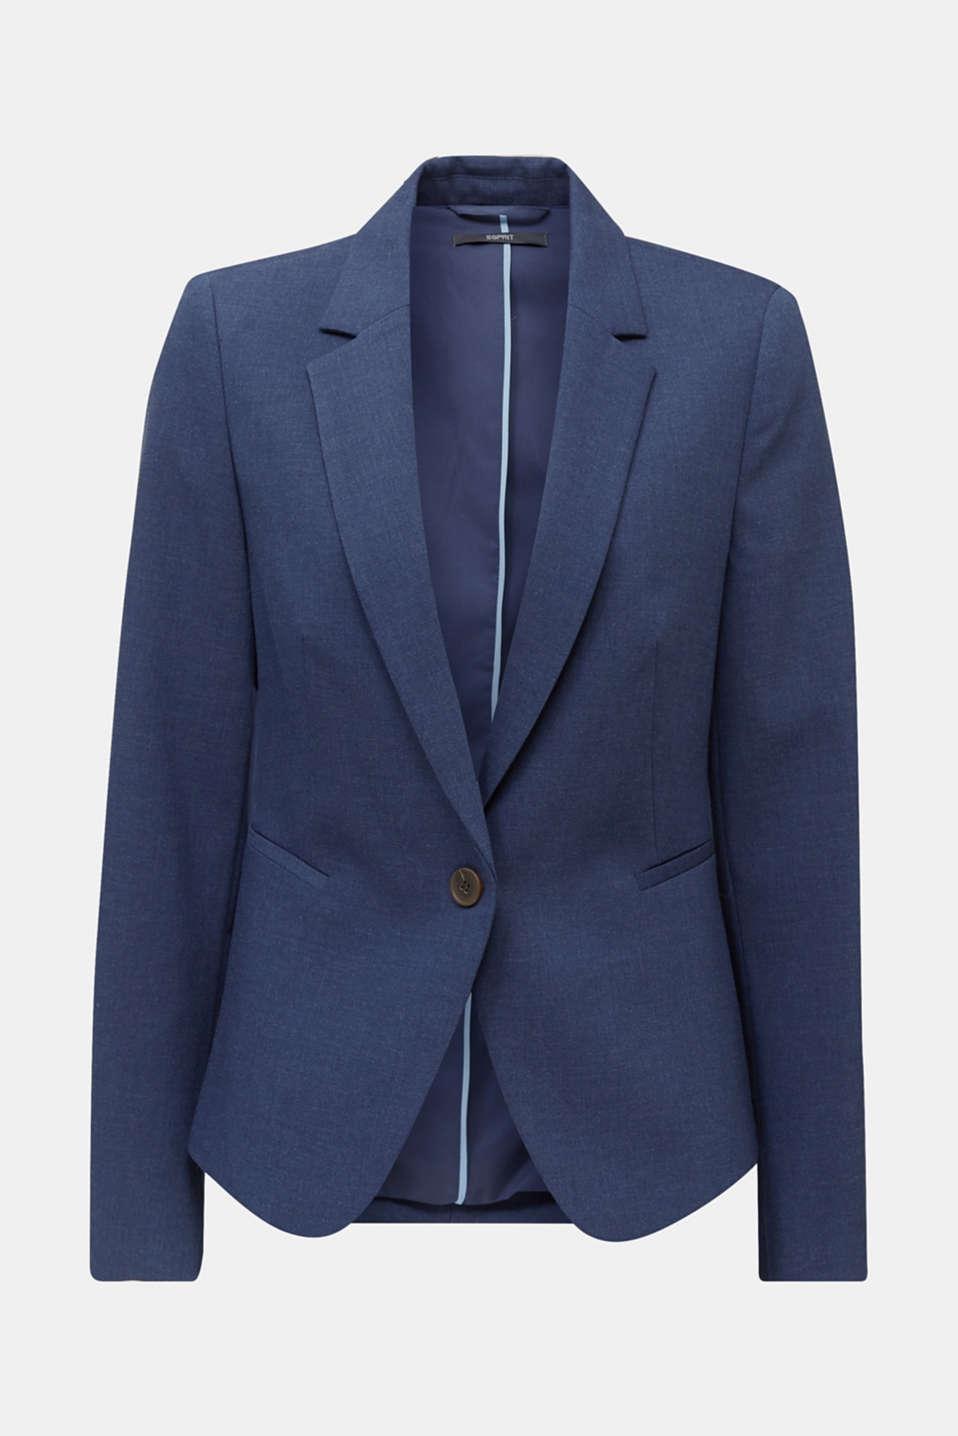 SUMMER BIZ mix + match blazer, GREY BLUE 5, detail image number 6